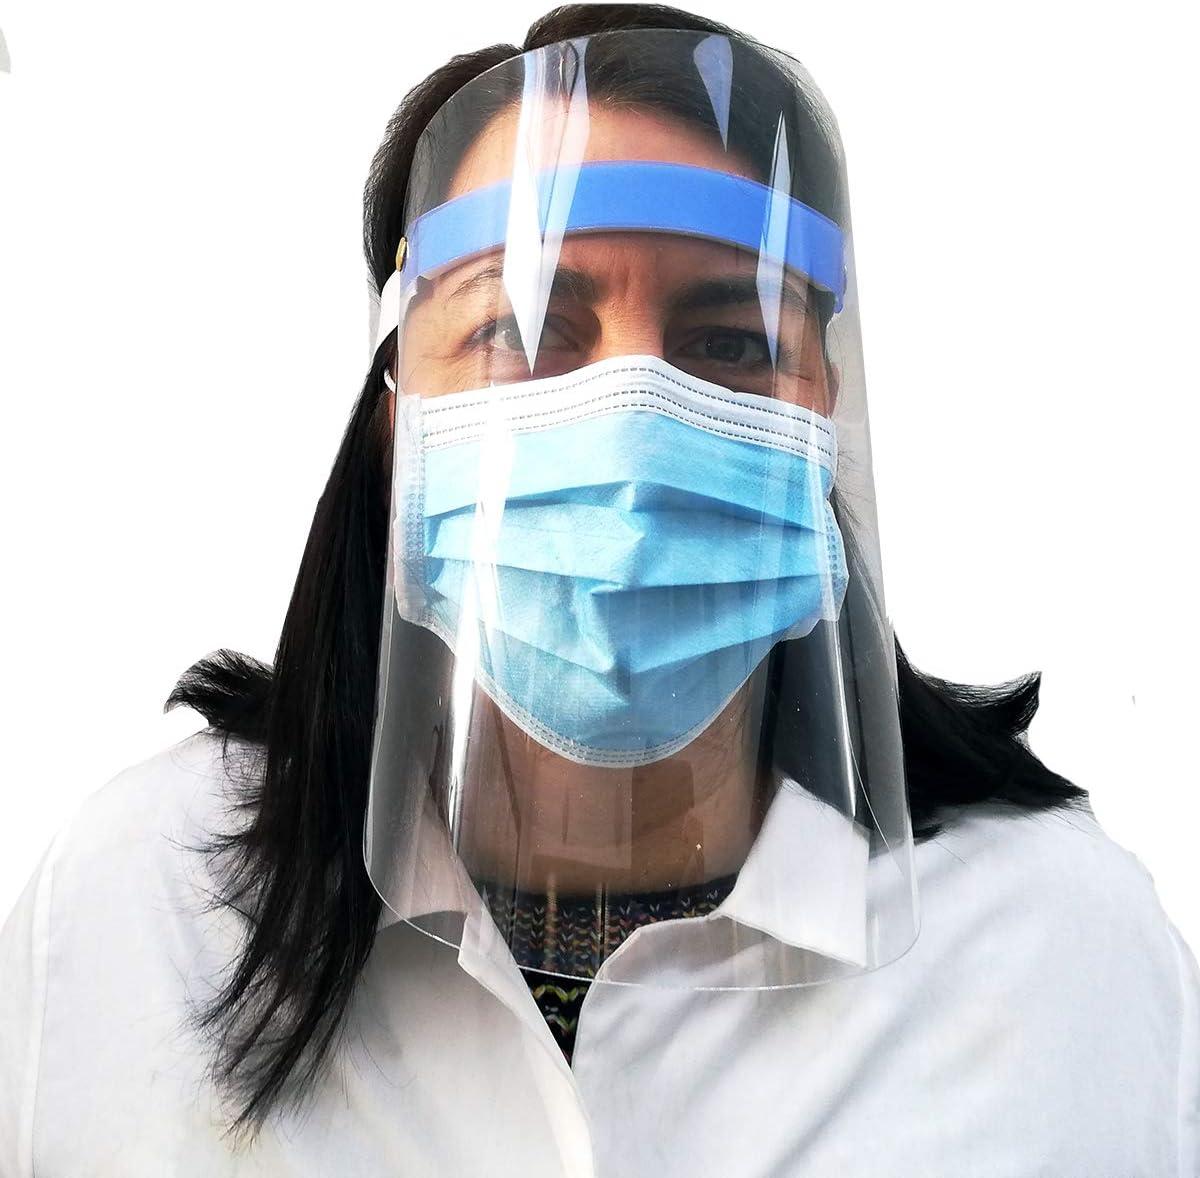 Visiera protettiva plastica trasparente protegge occhi da spruzzi e goccioline